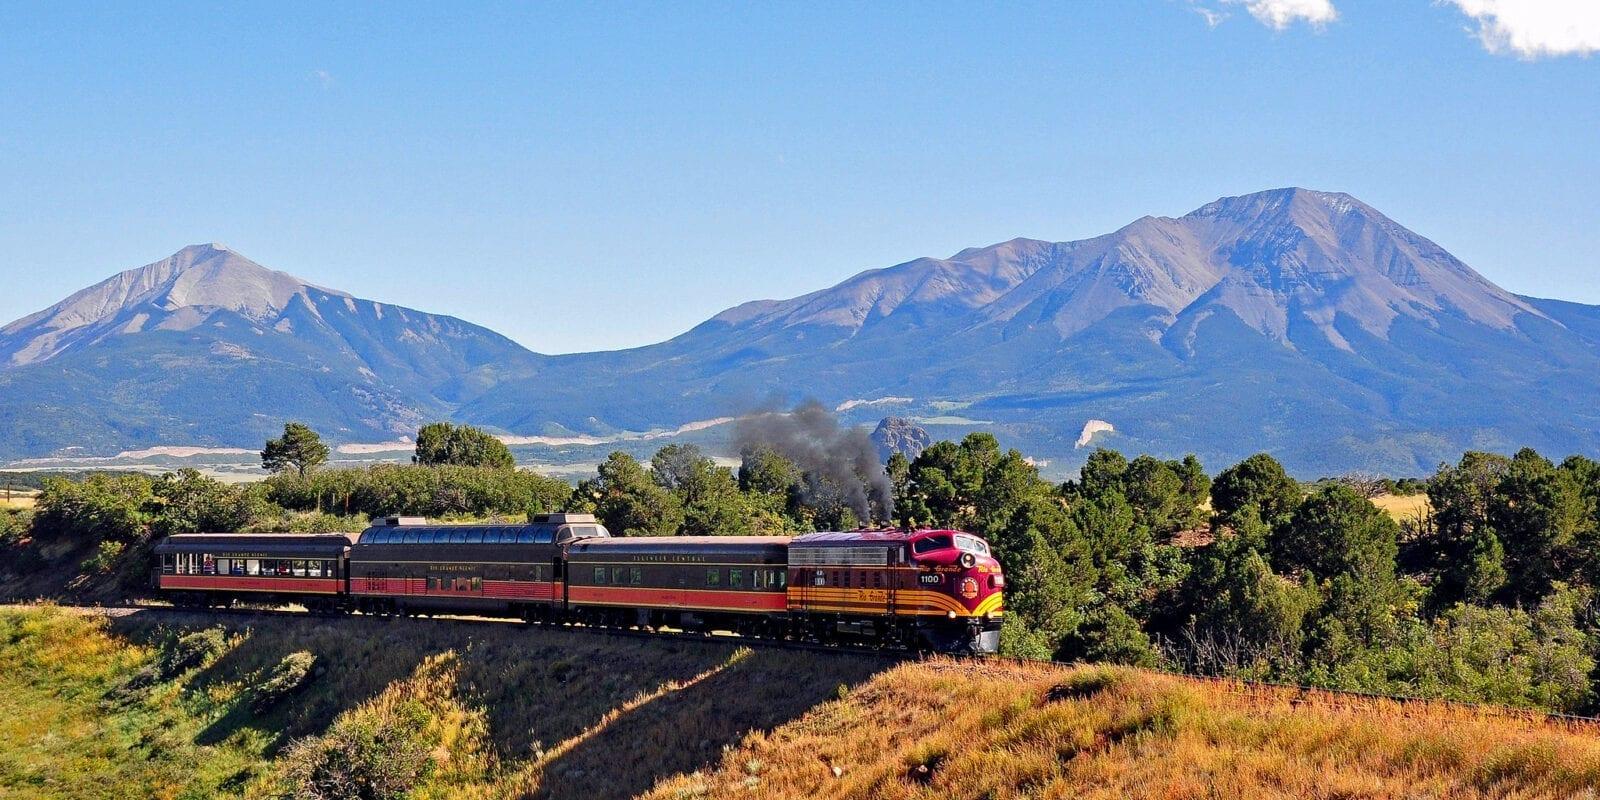 image of Rio Grande scenic railroad